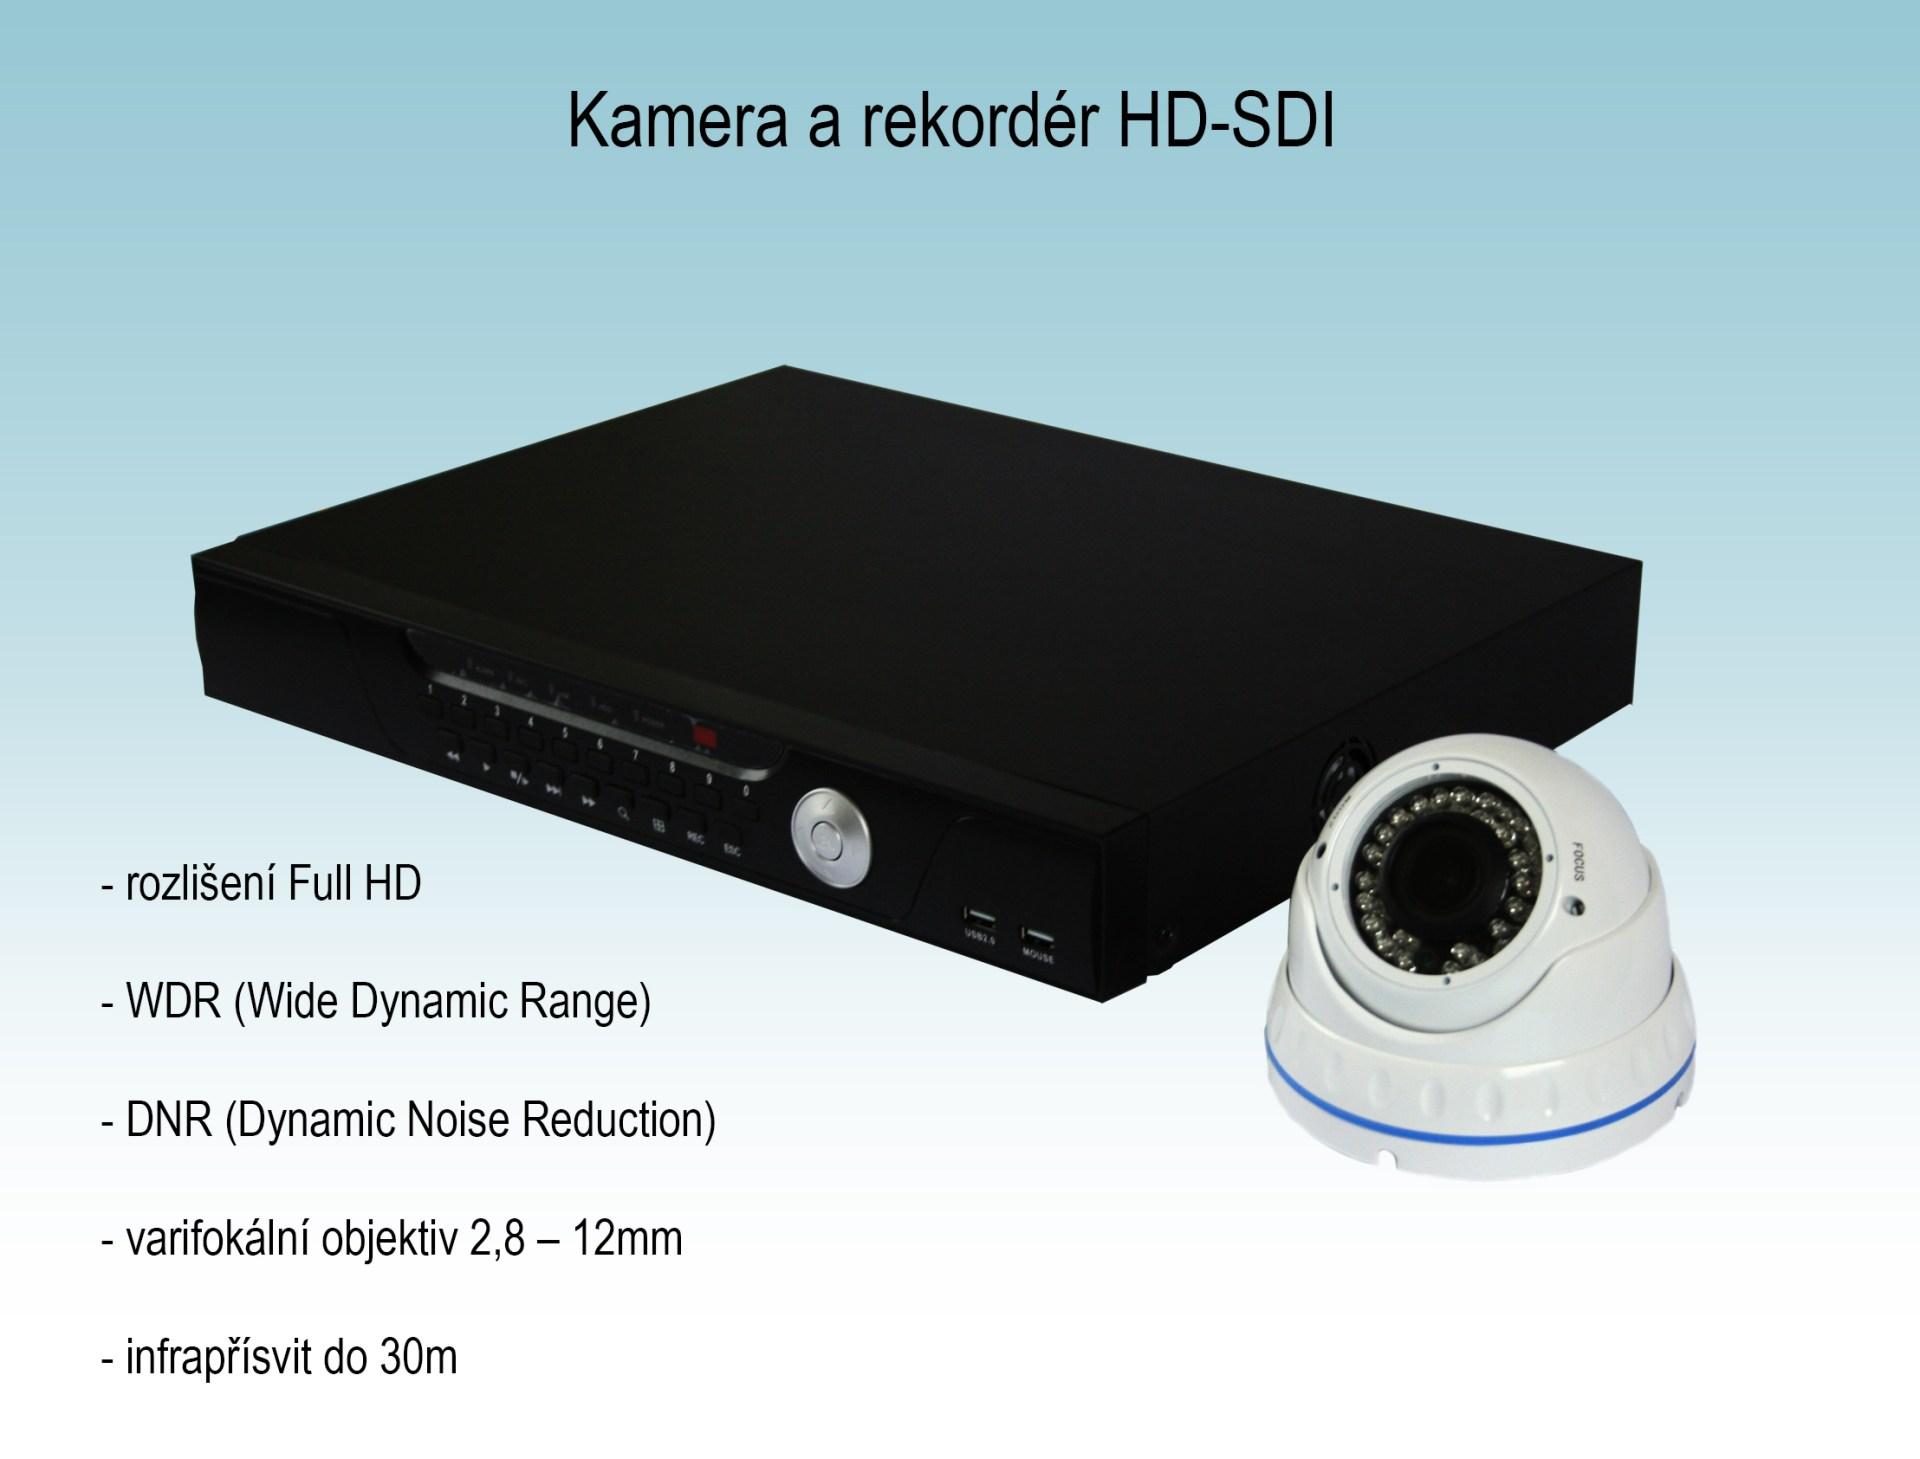 Bezpečnostní kamera a rekordér